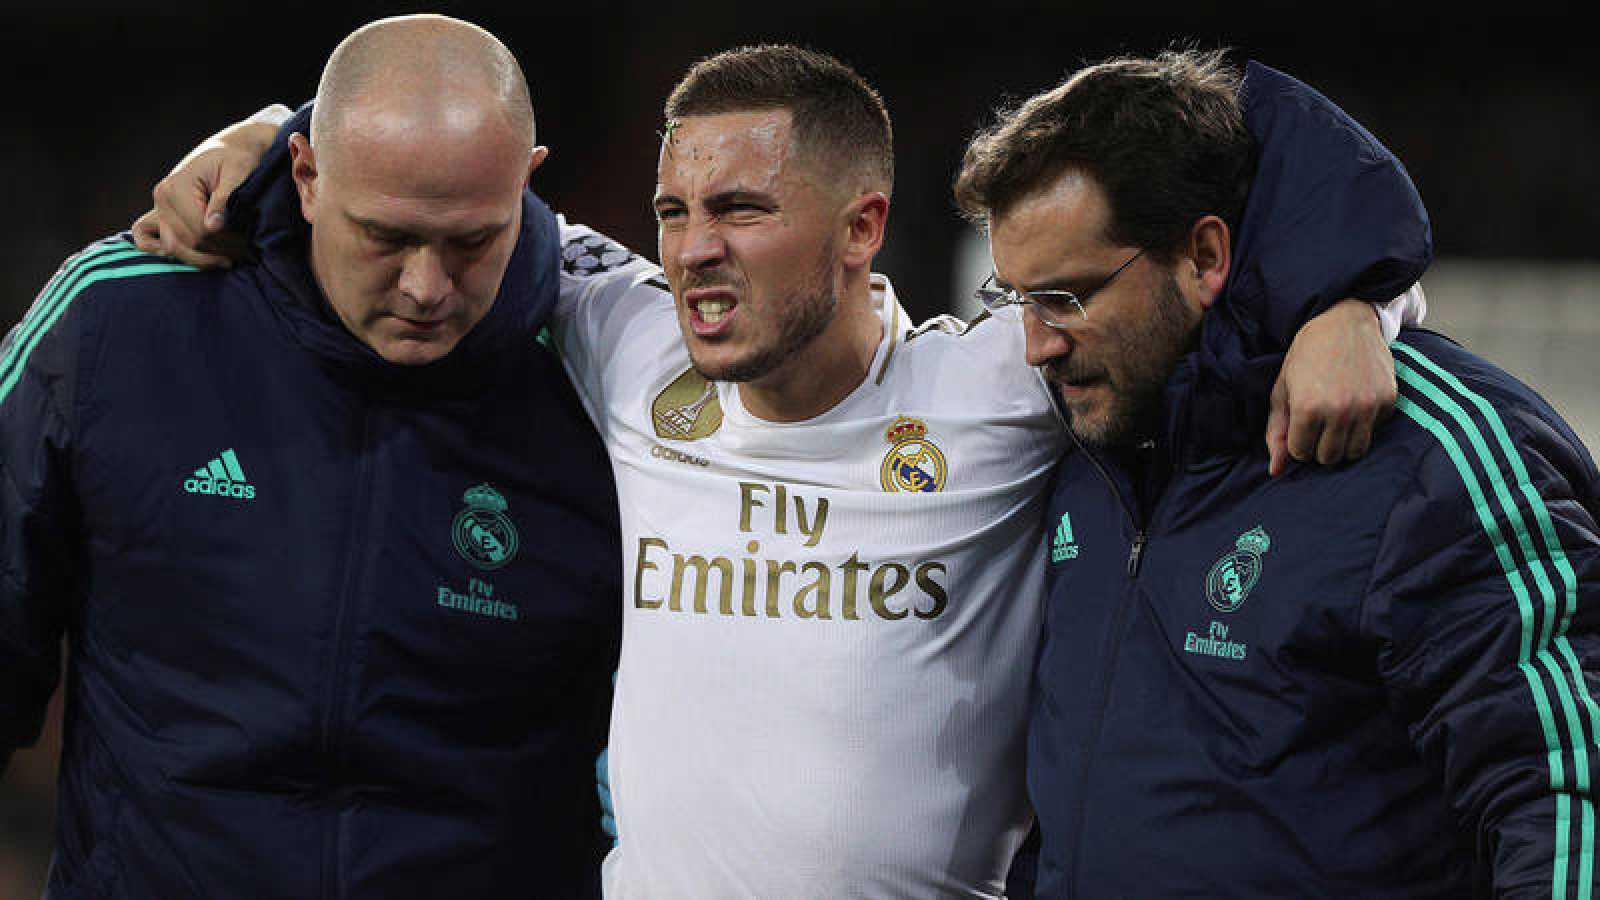 El delantero del Real Madrid Hazard se retira lesionado del partido contra el PSG.